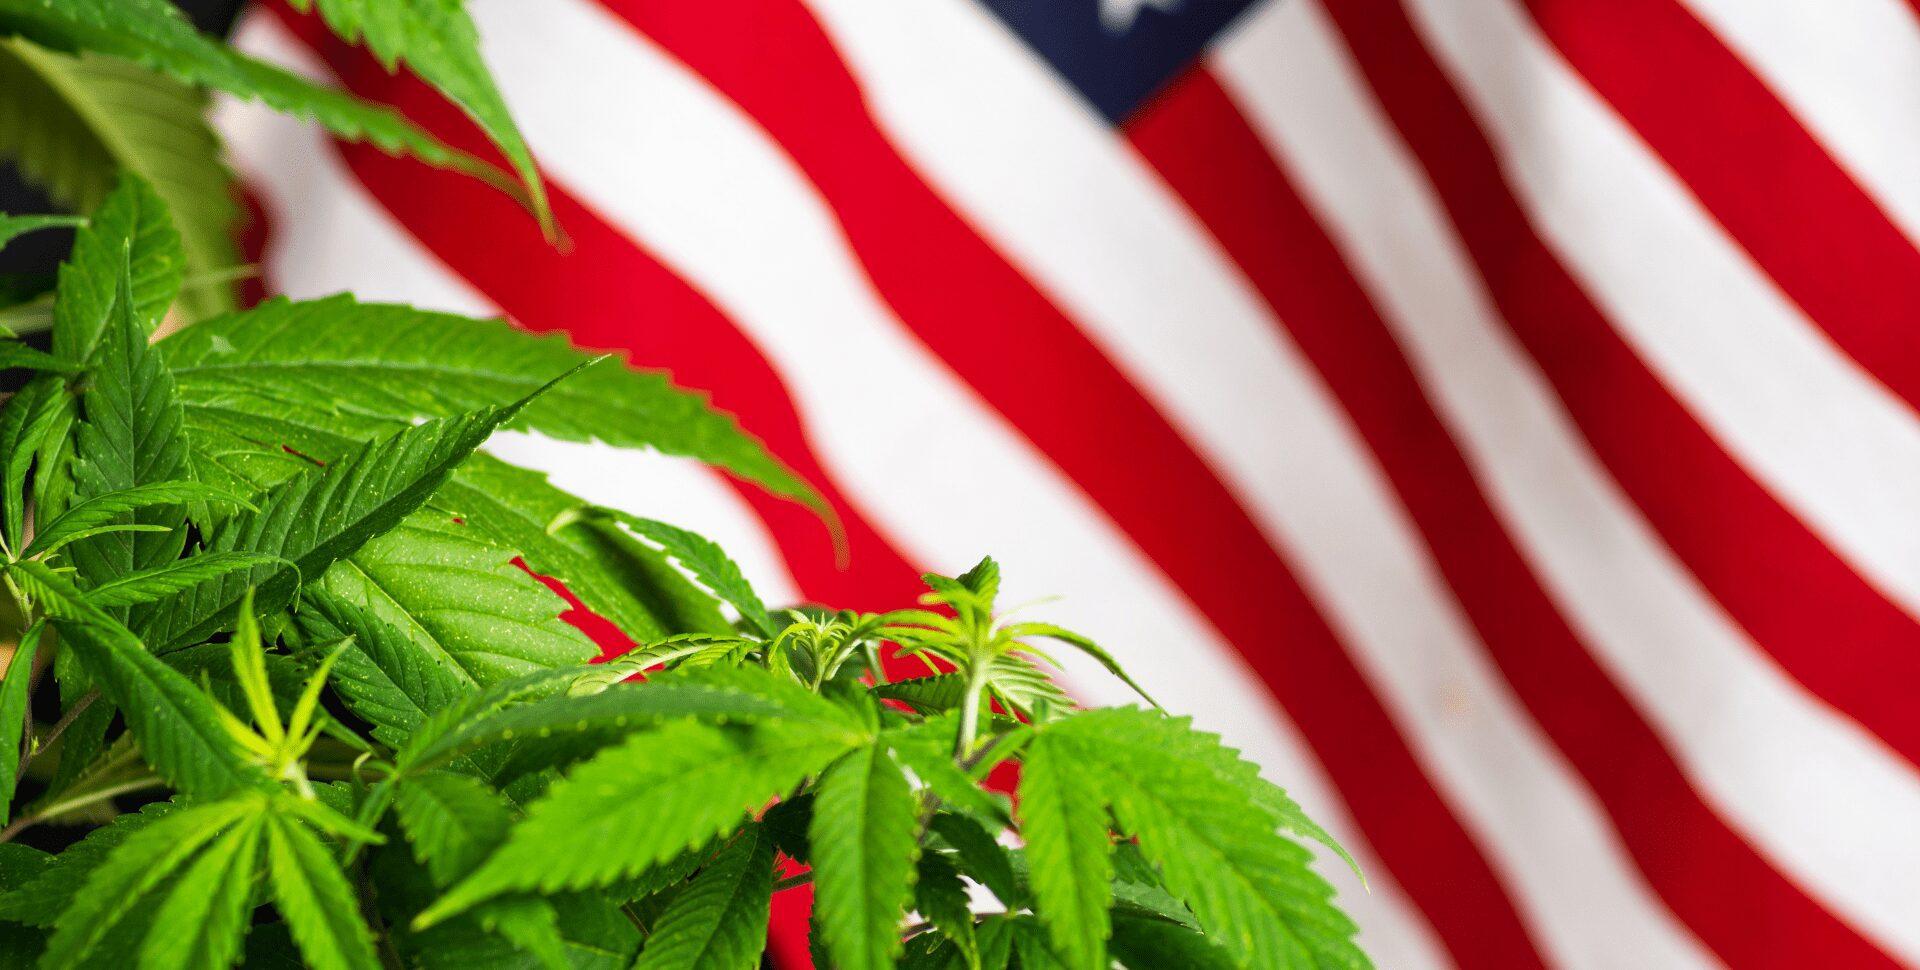 eeuu estadounidenses marihuana detenciones industria cannabis 2021 cáñamo